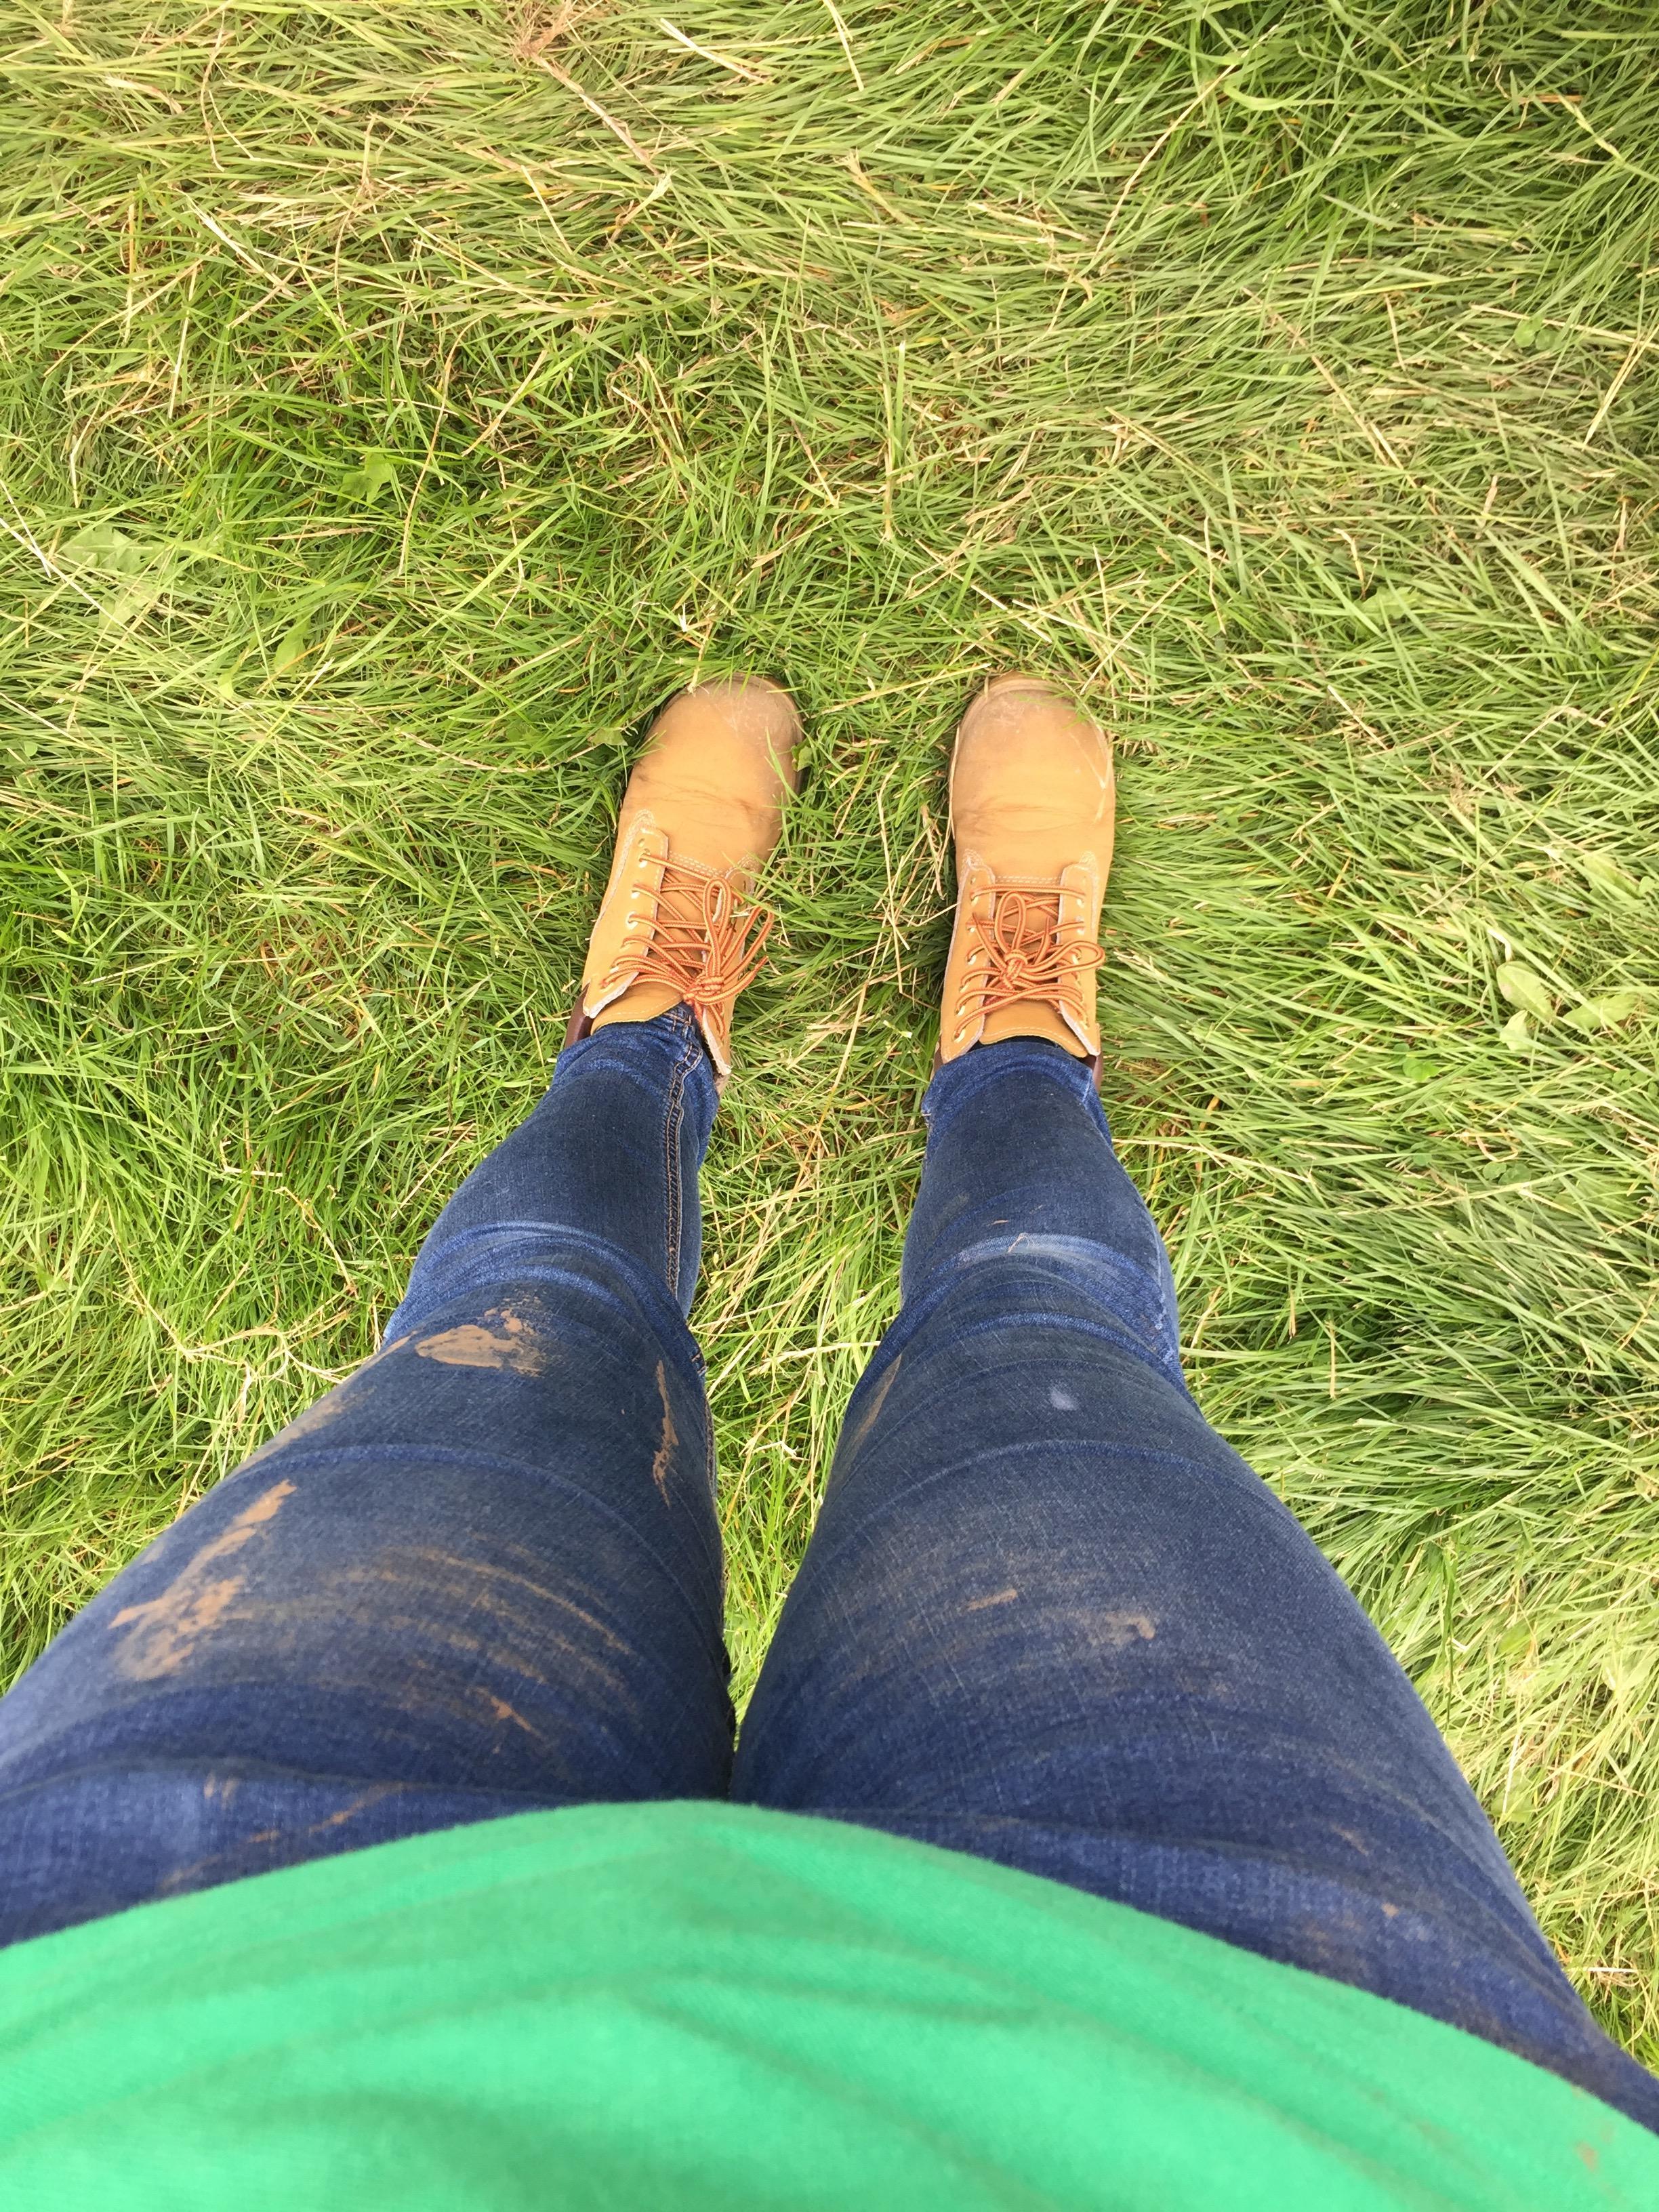 muddyjeans.jpg